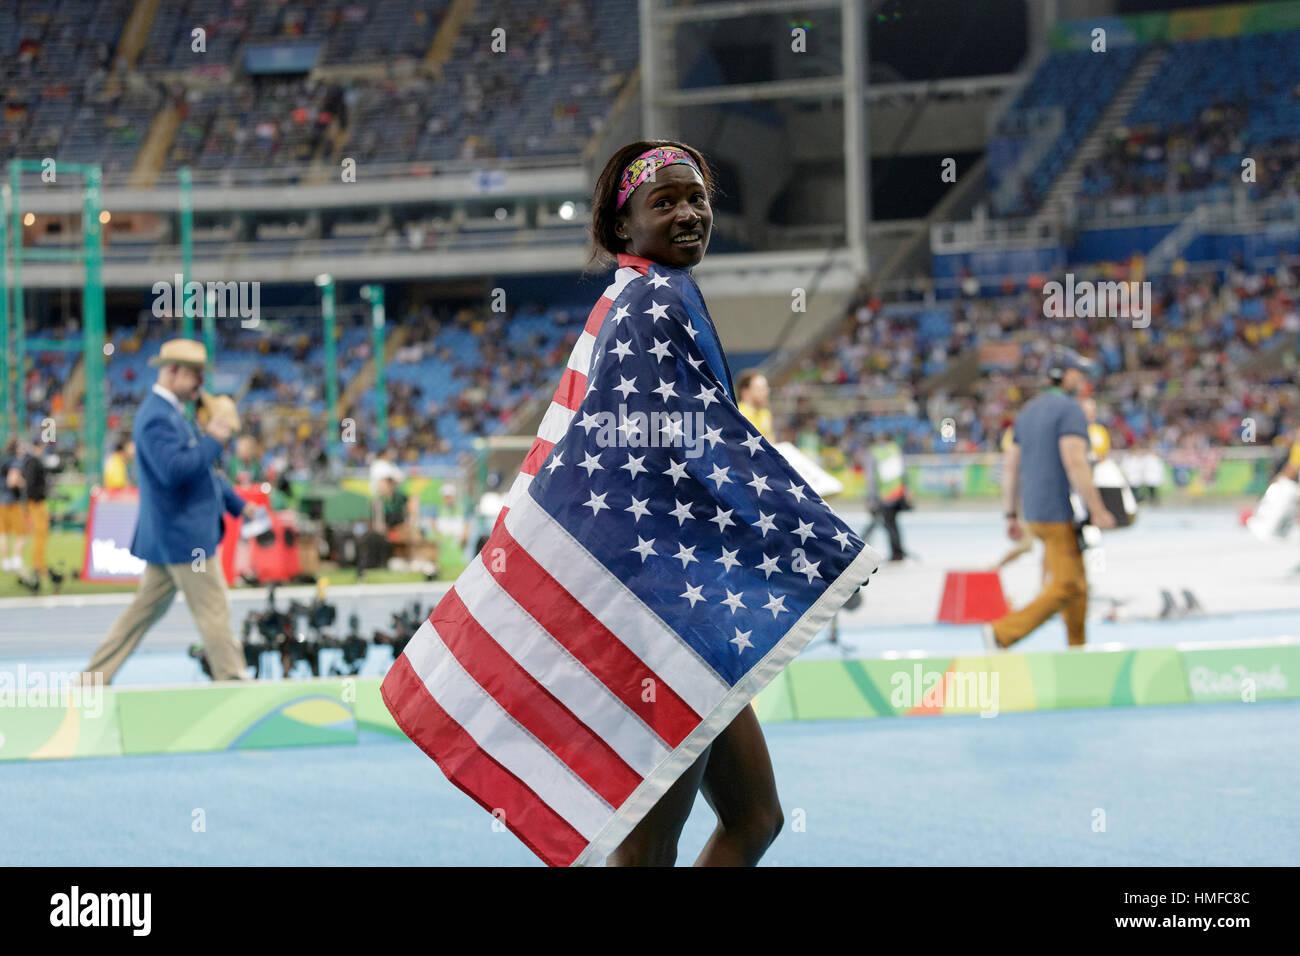 Río de Janeiro, Brasil. 13 de agosto de 2016 Tori Bowie (USA) gana la medalla de plata en los 100 metros femeninos en los Juegos Olímpicos de Verano de 2016. ©Paul J. Sutton/PC Foto de stock